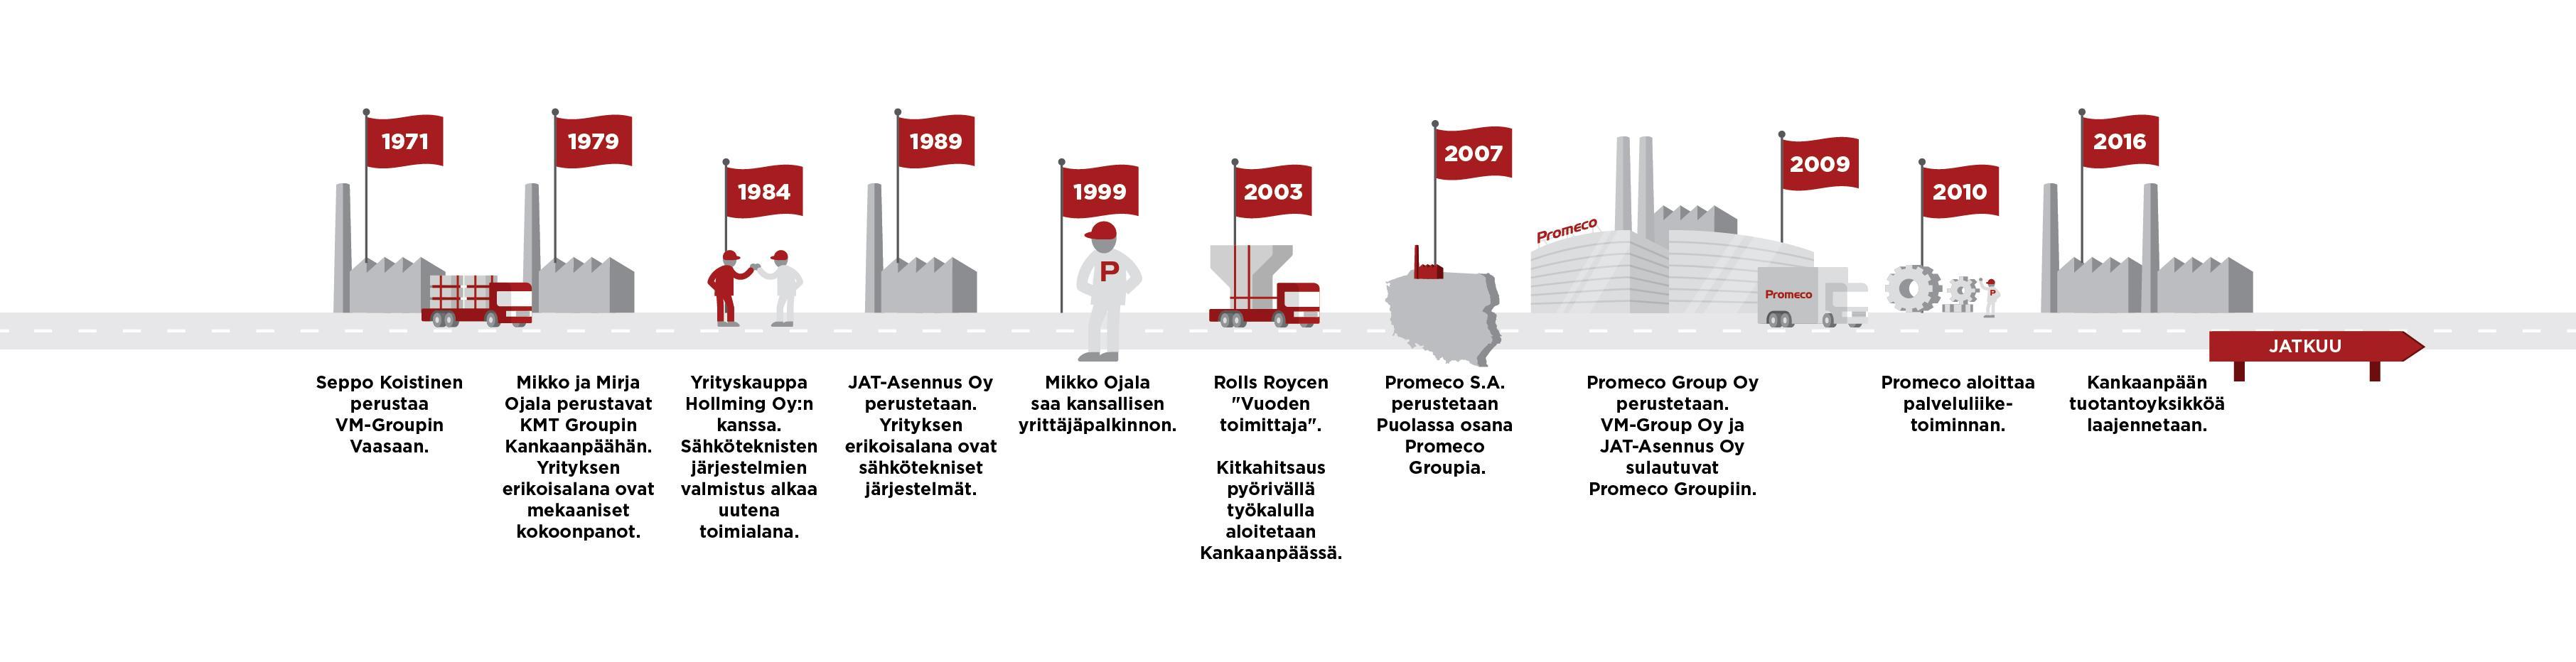 Promeco Timeline